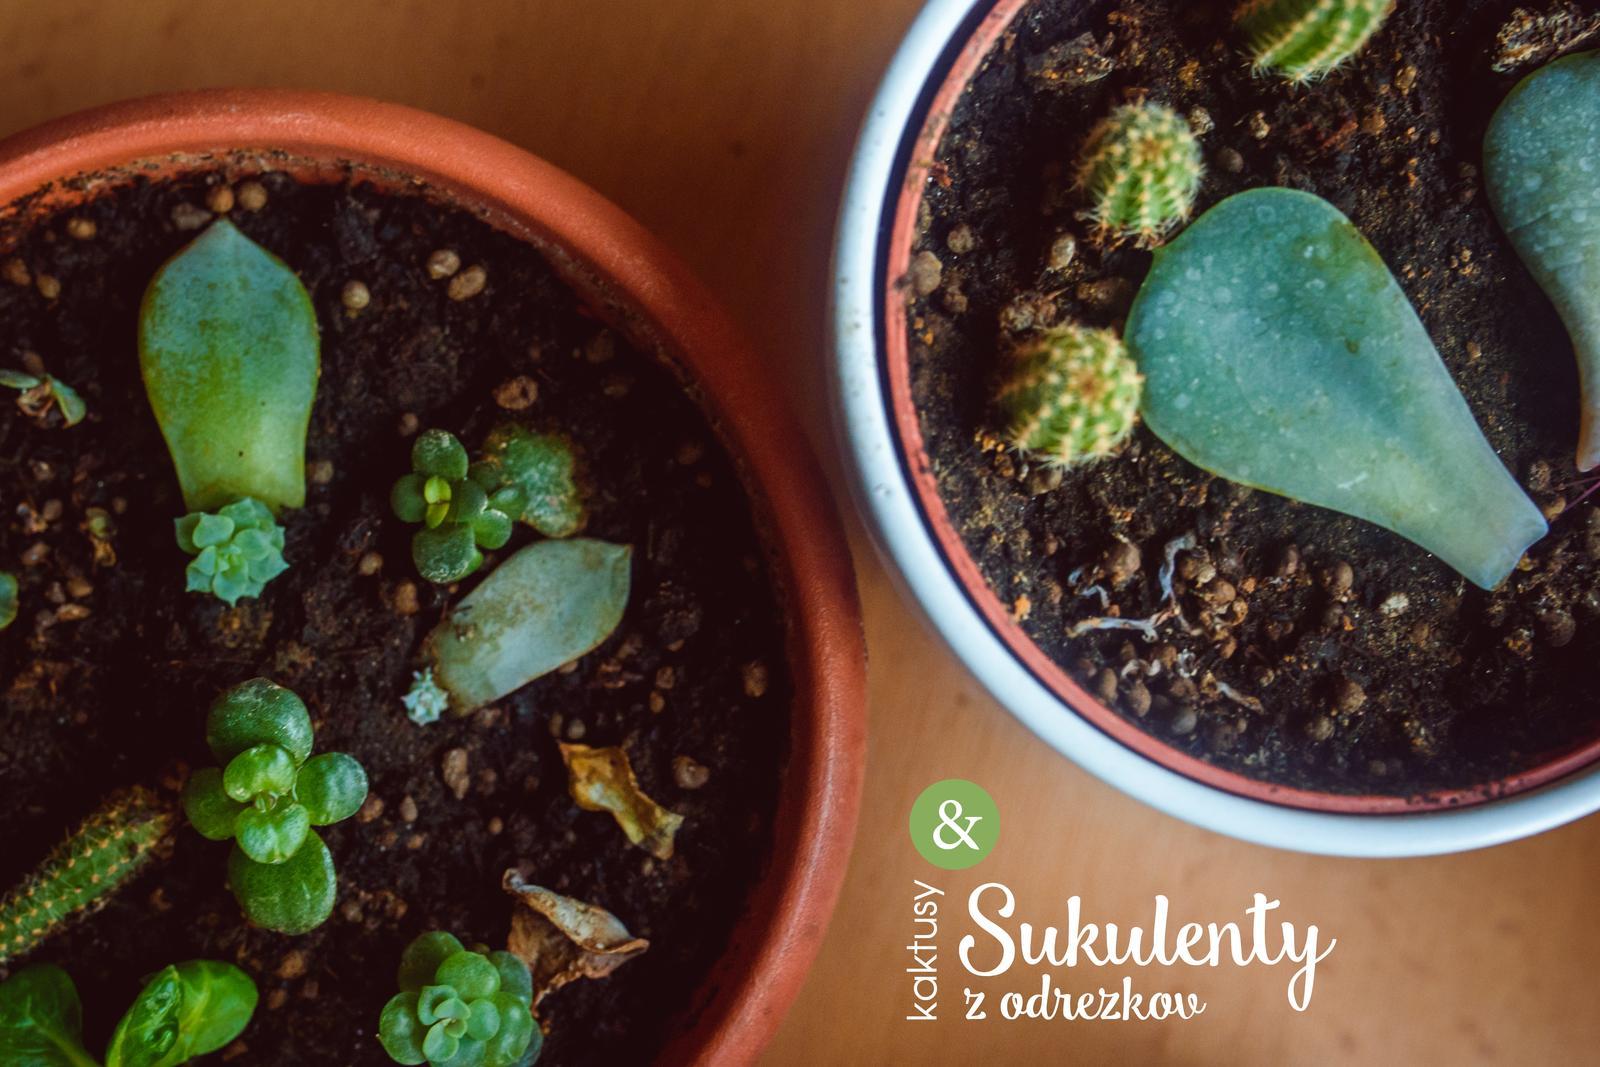 Vo víre kvetov... - TIP pre nevestičky, ktoré milujú kaktusy a sukulenty. Z ulomených lístočkov a kúskov je veľmi jednoduché vypestovať nové rastlinky. Jediné čo potrebujete je dostatok času, pretože rastú veľmi pomaly. Na foto je moja kaktusovo-sukulentová množiareň :)